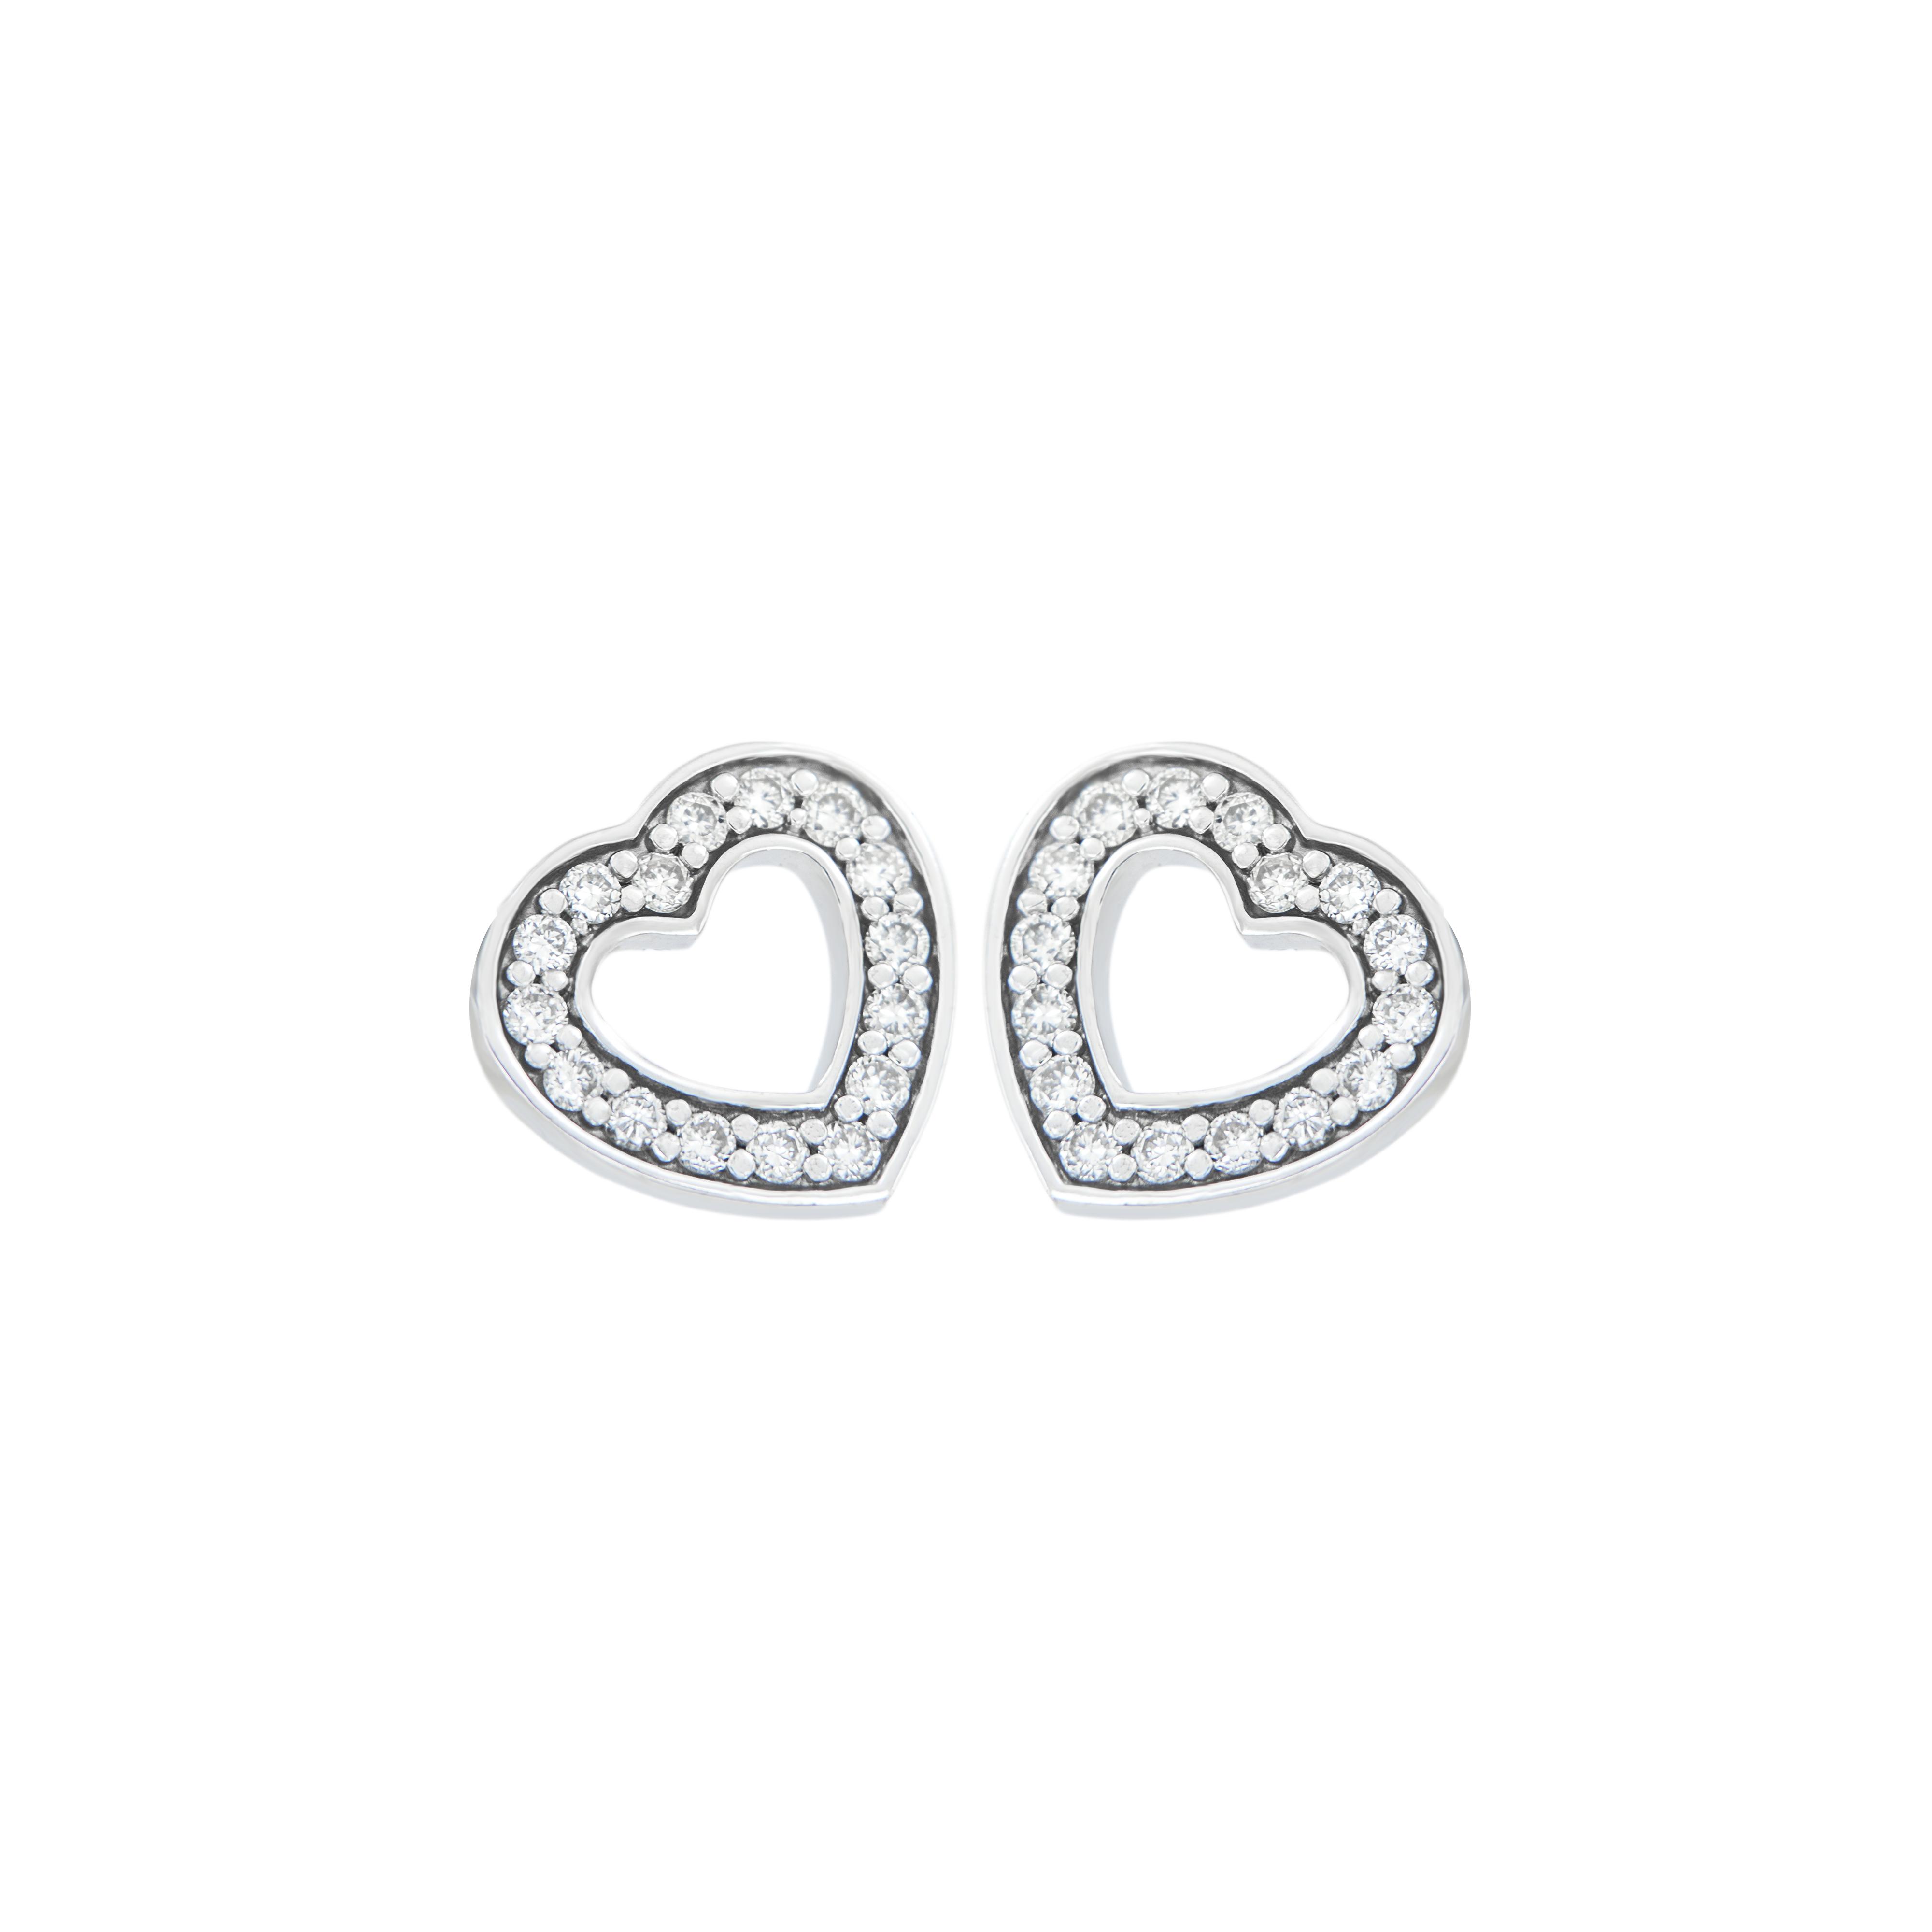 Naušnice LOVE ve tvaru srdce jsou vyrobeny z bílého  14 karátového zlata - zvìtšit obrázek